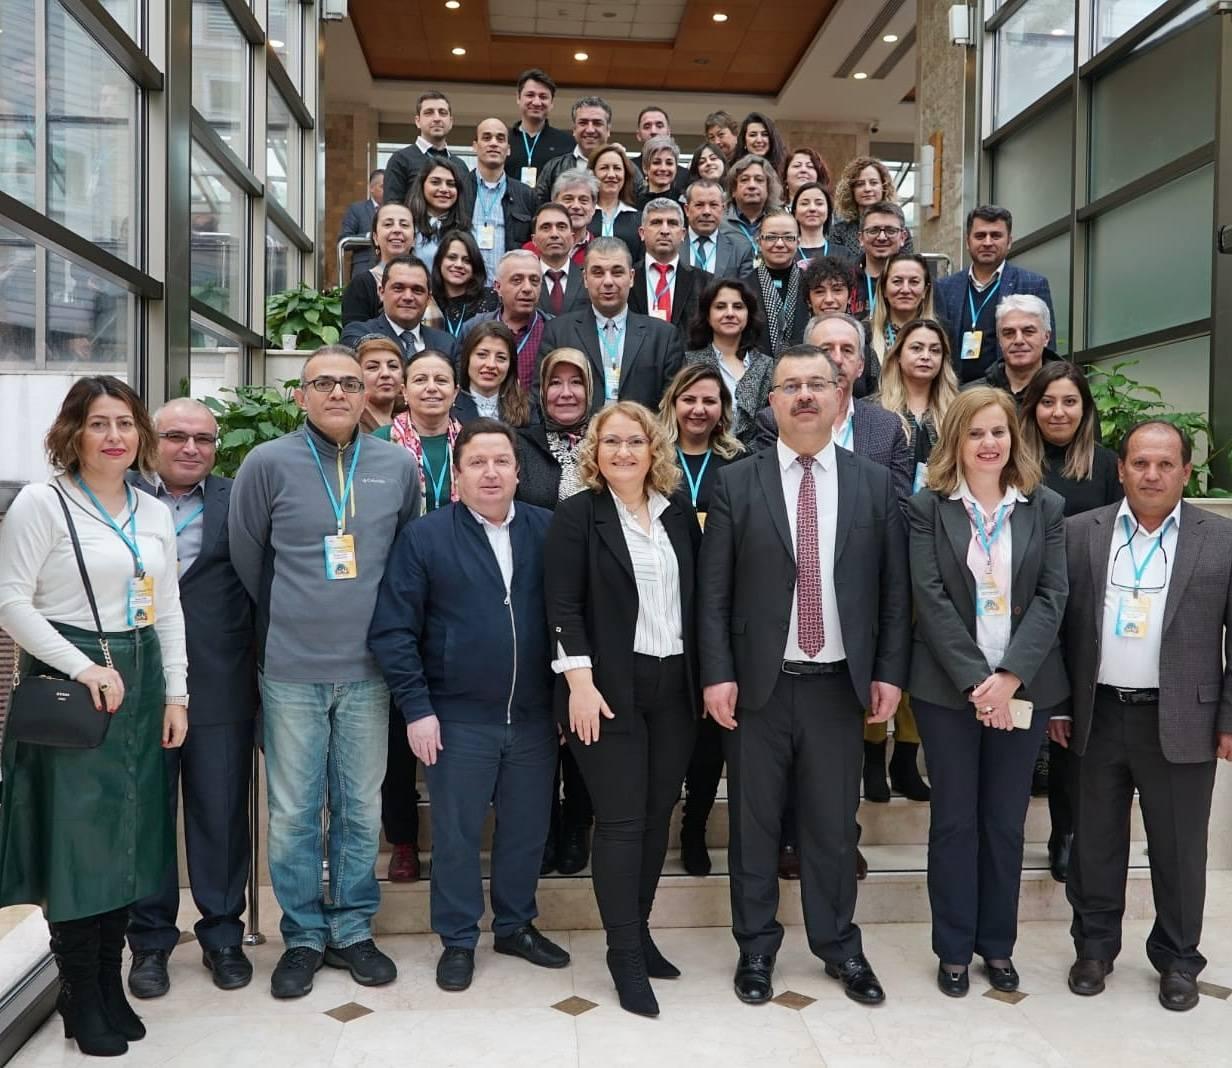 Doç. Dr. Arzu ÜNAL TAGEM 2020 Toplantısına Katılım Sağladı